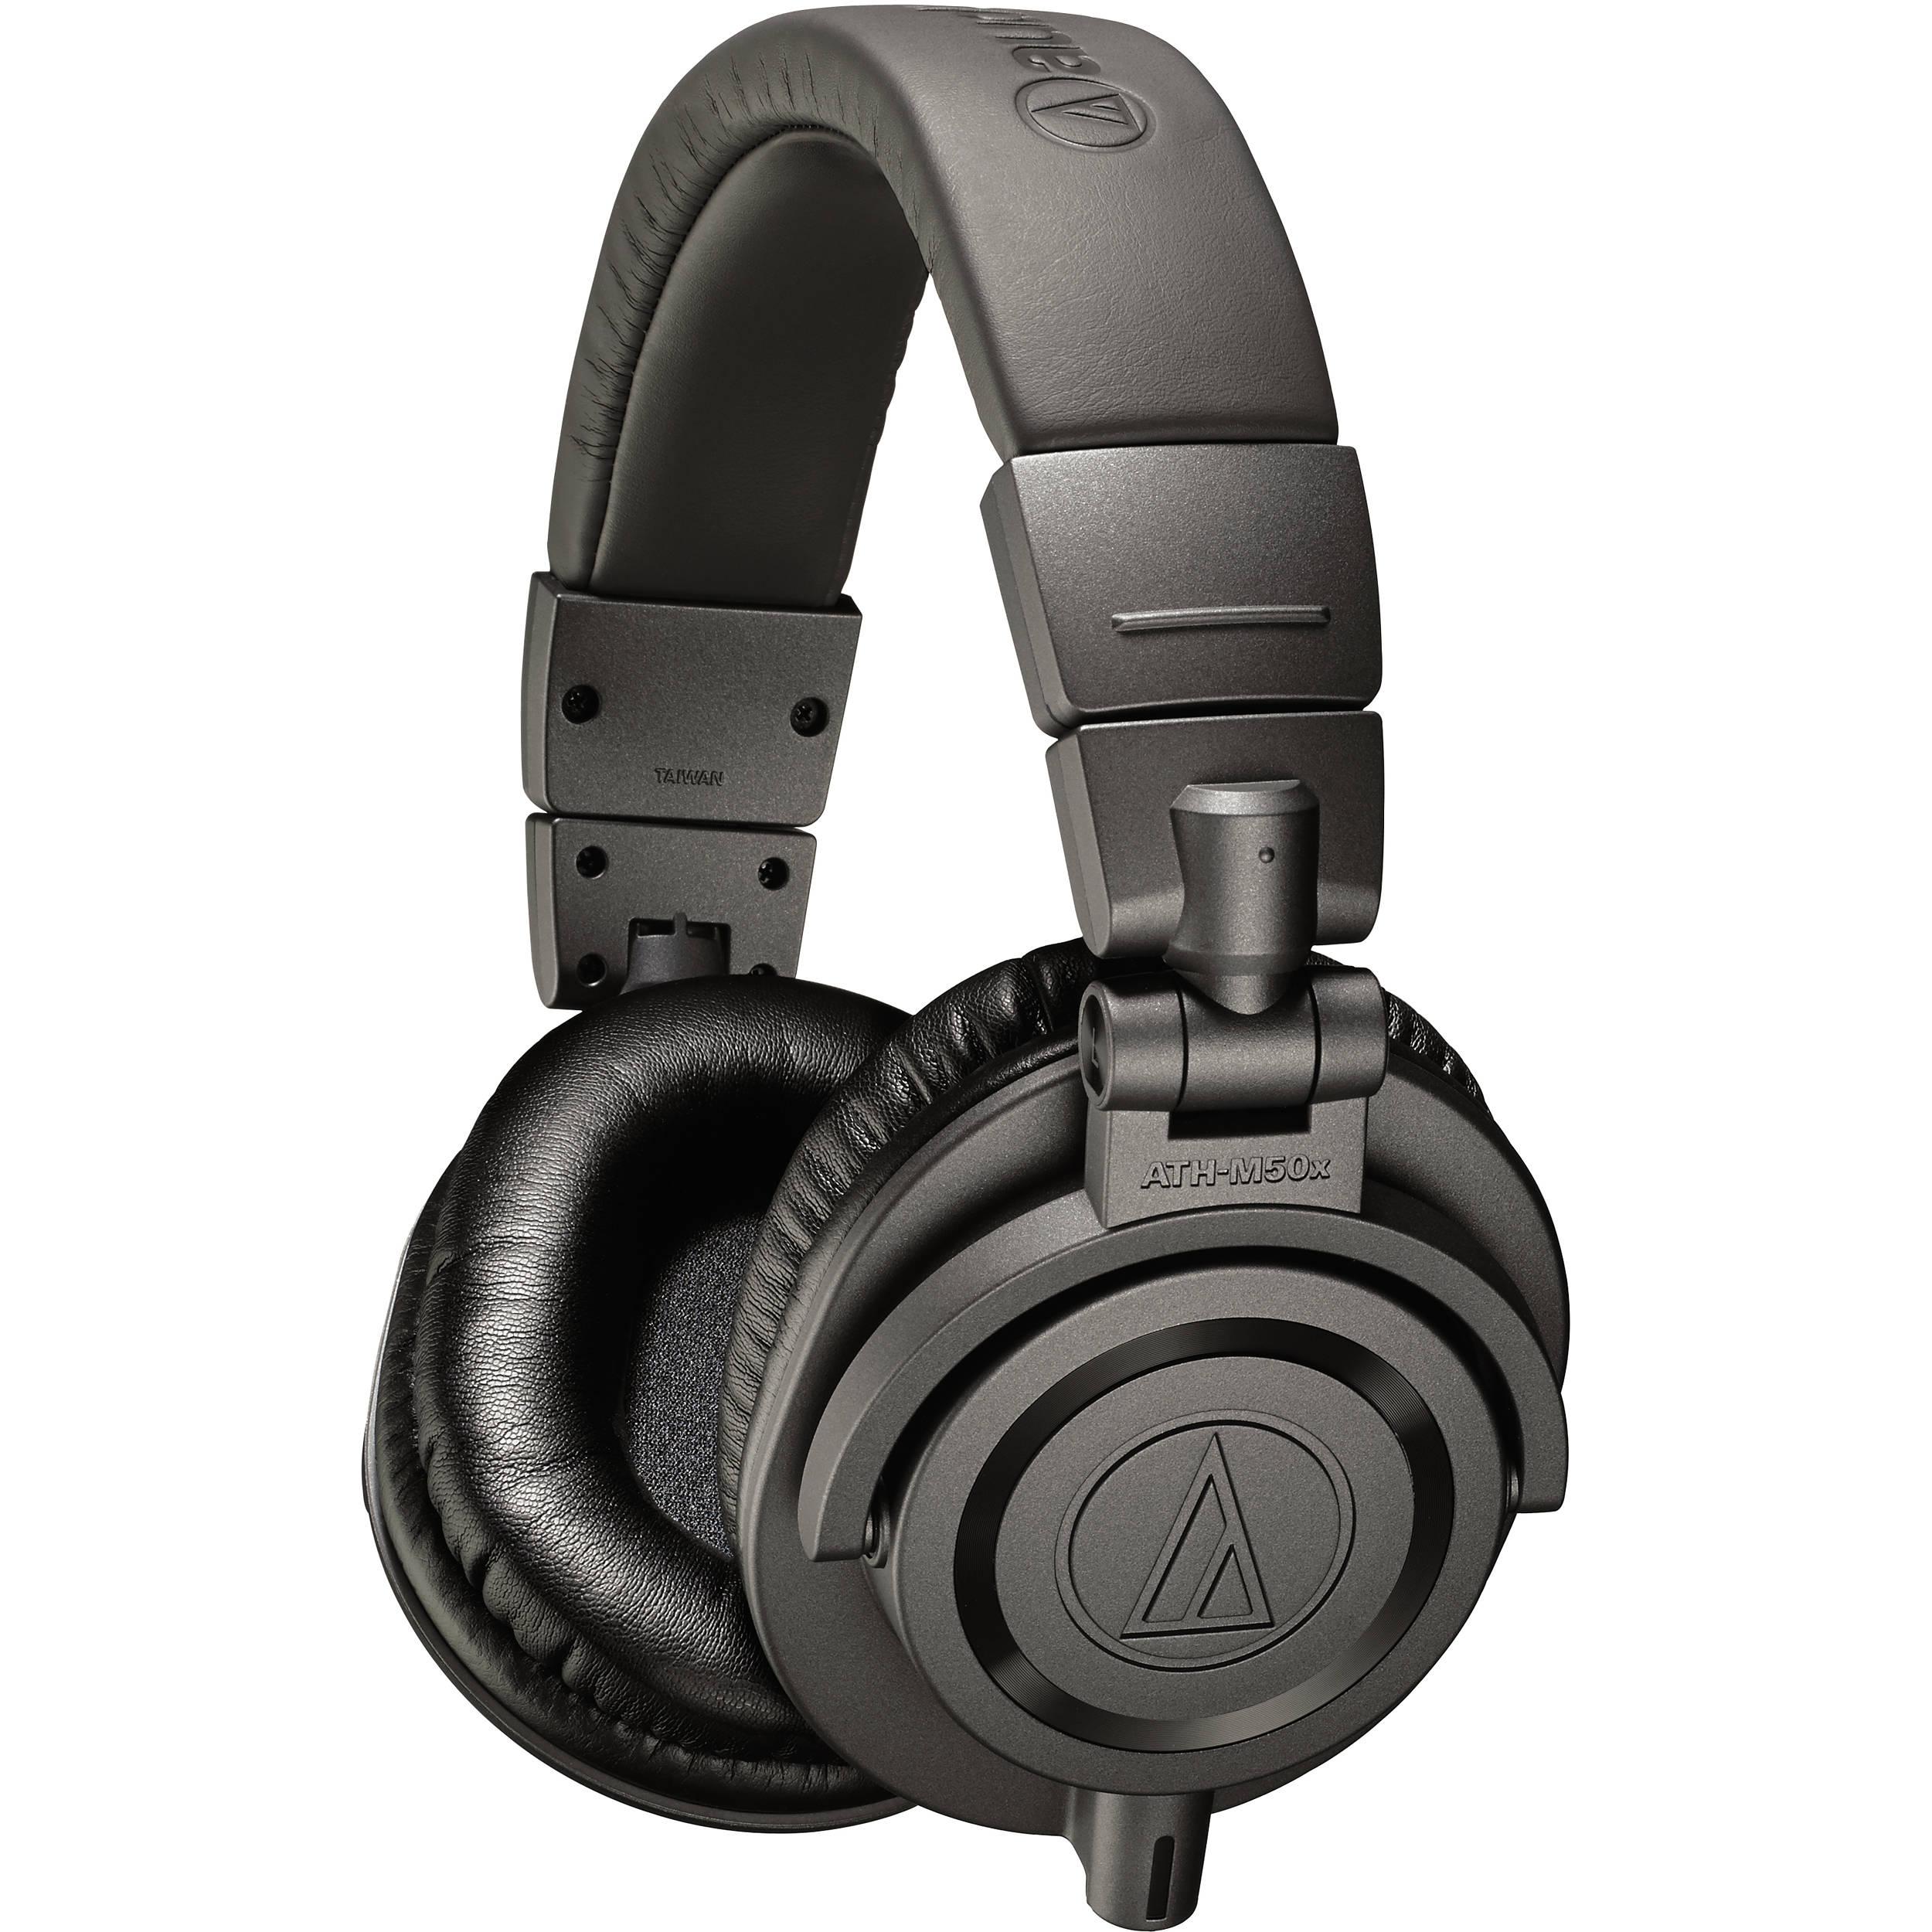 Audio-Technica ATH-M50x - top 5 best studio headphones